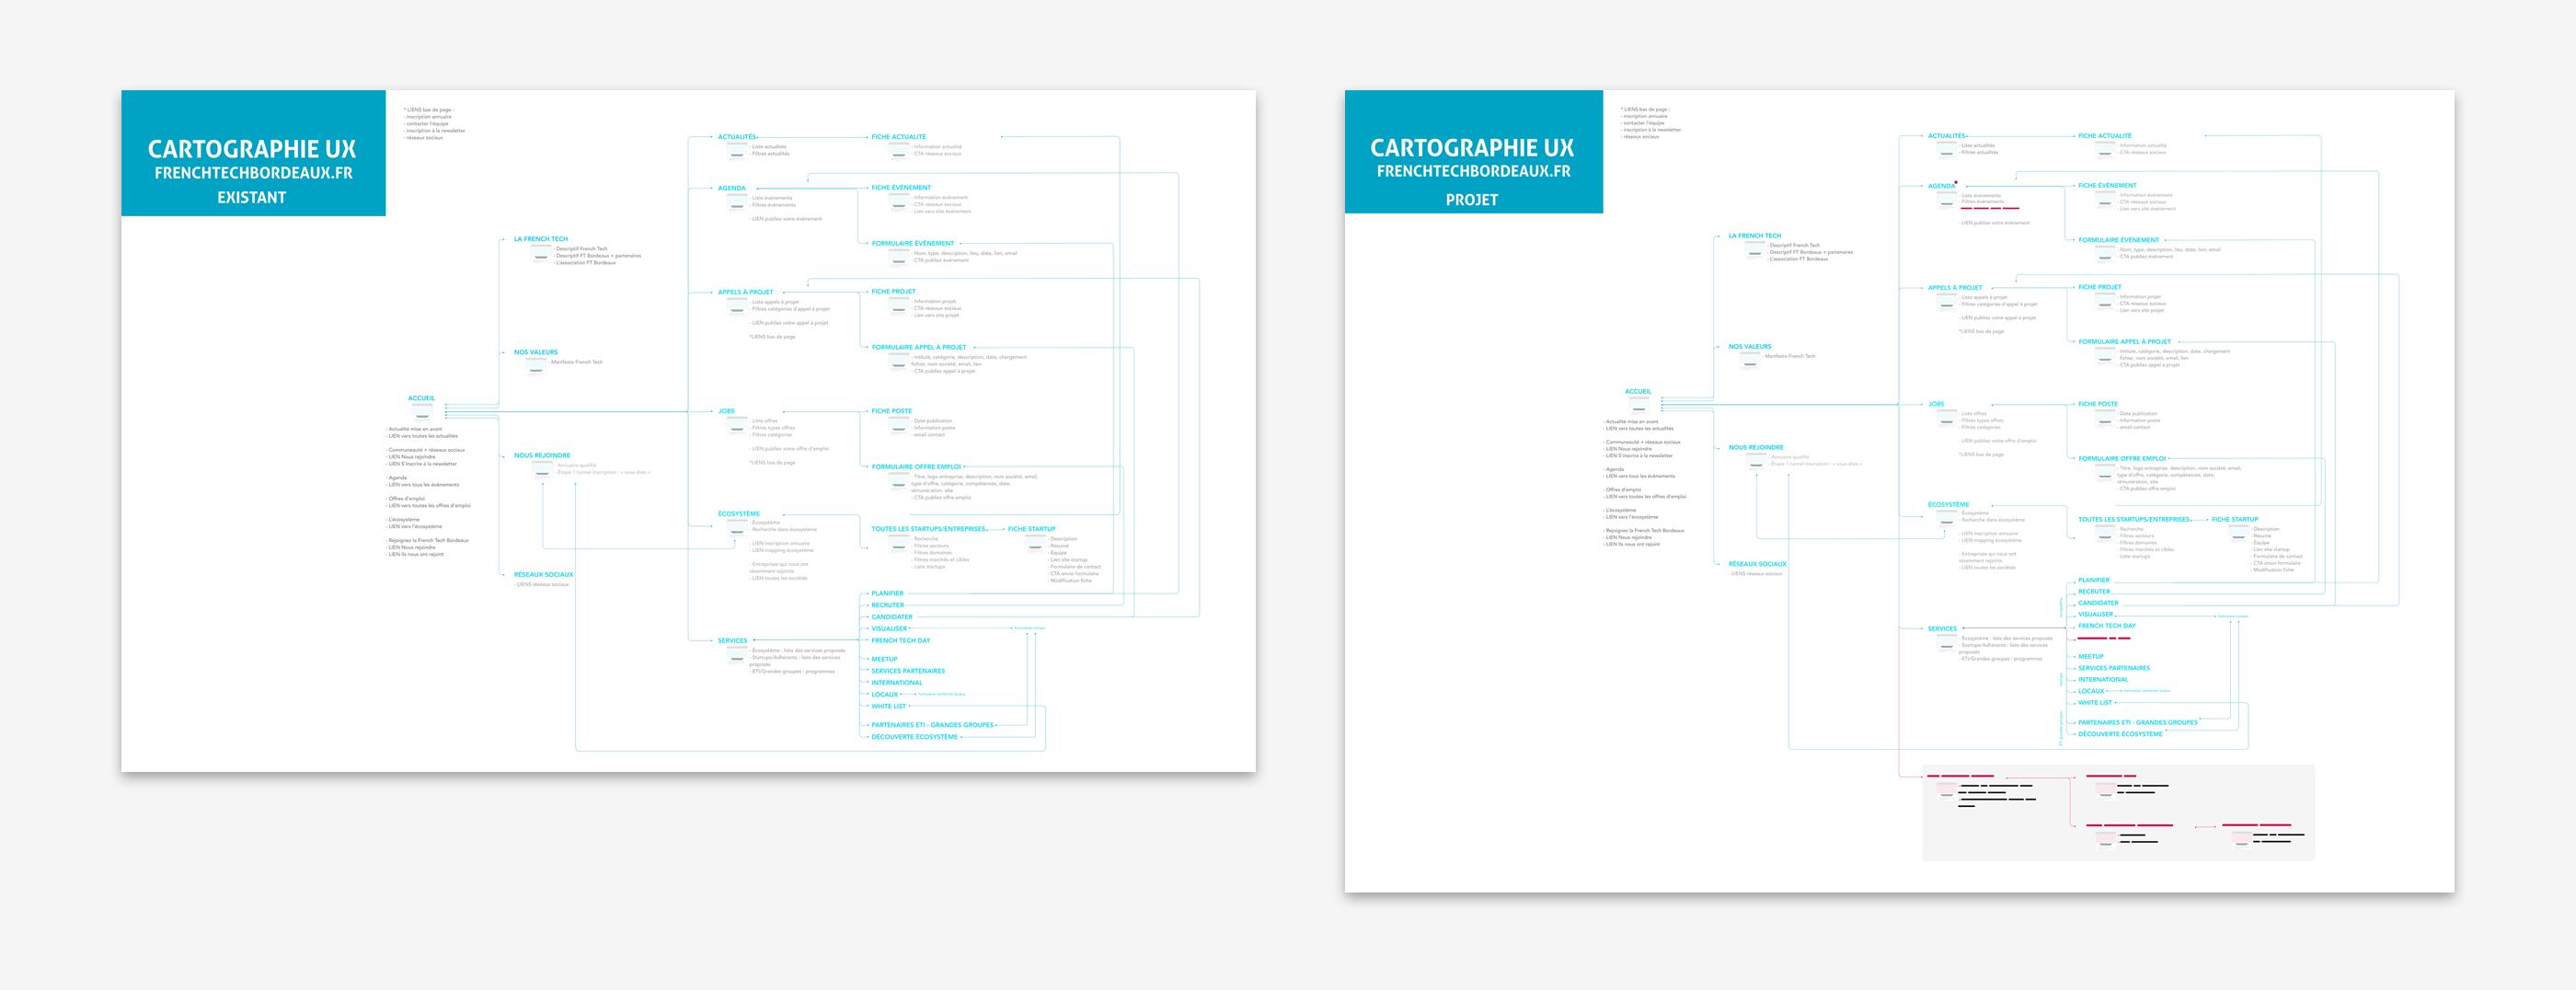 Comparaison entre l'arborescence du site existant (à gauche) et l'arborescence de projet (à droite)